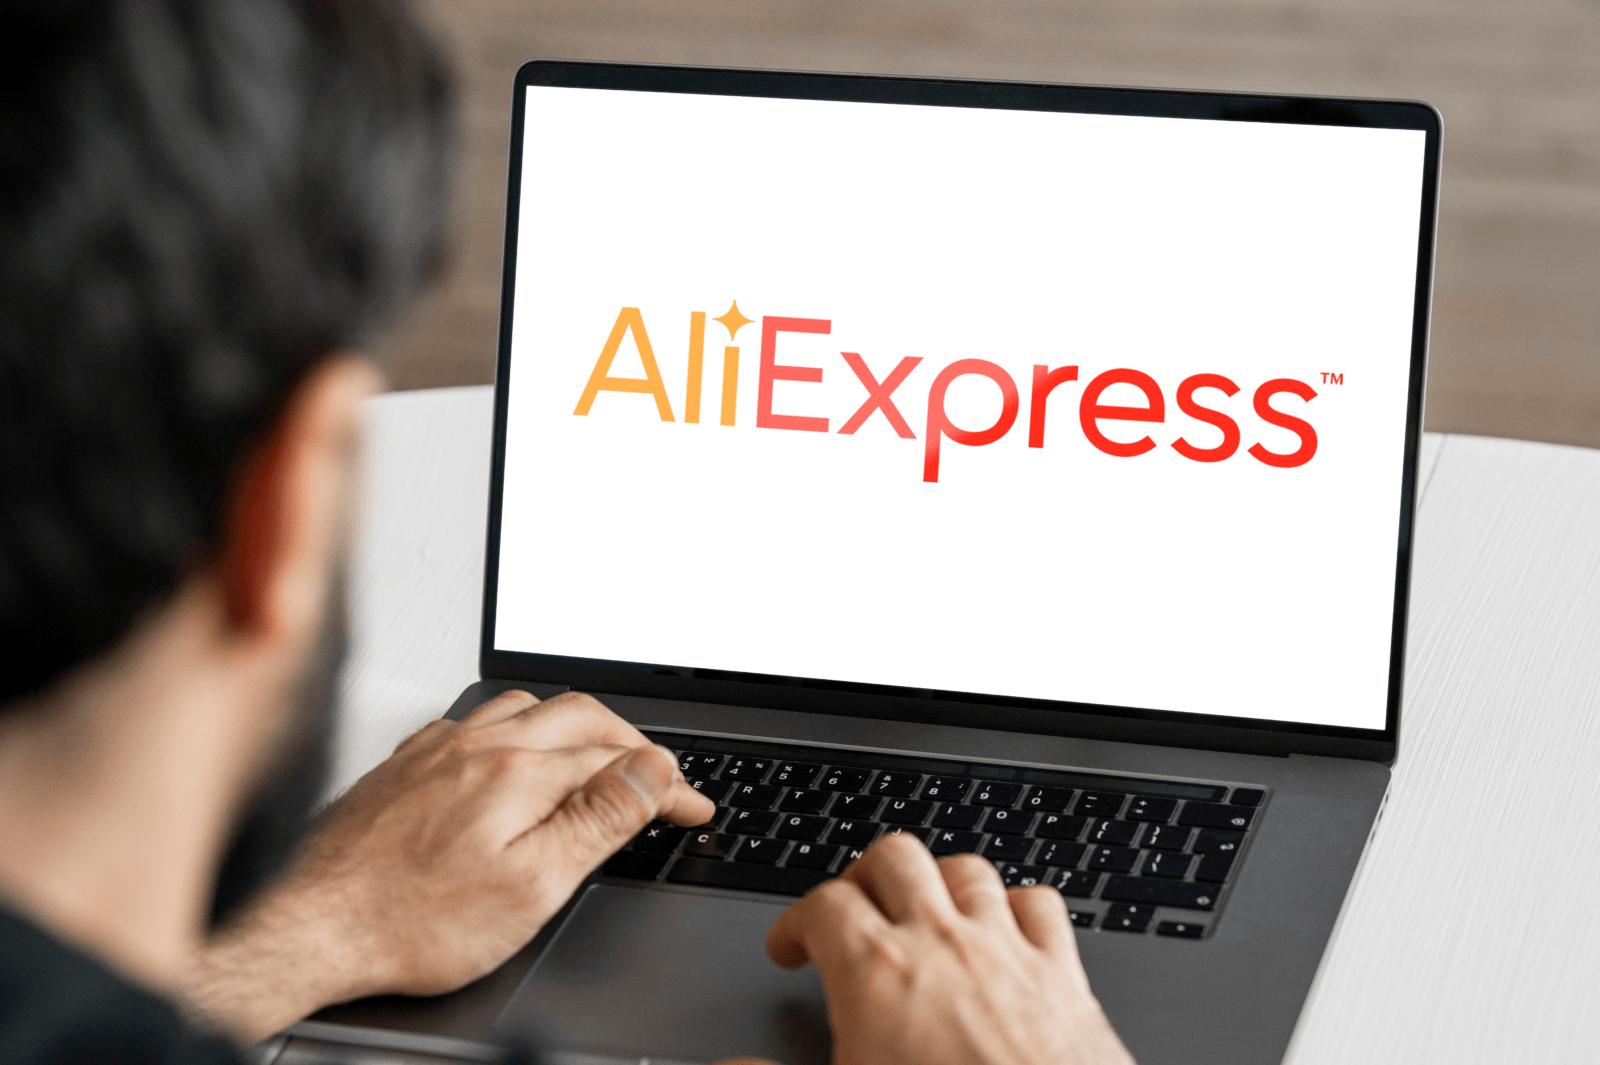 AliExpress abre cadastro para vendedores brasileiros e chega ao Brasil com menor taxa de comissão dentre os marketplaces